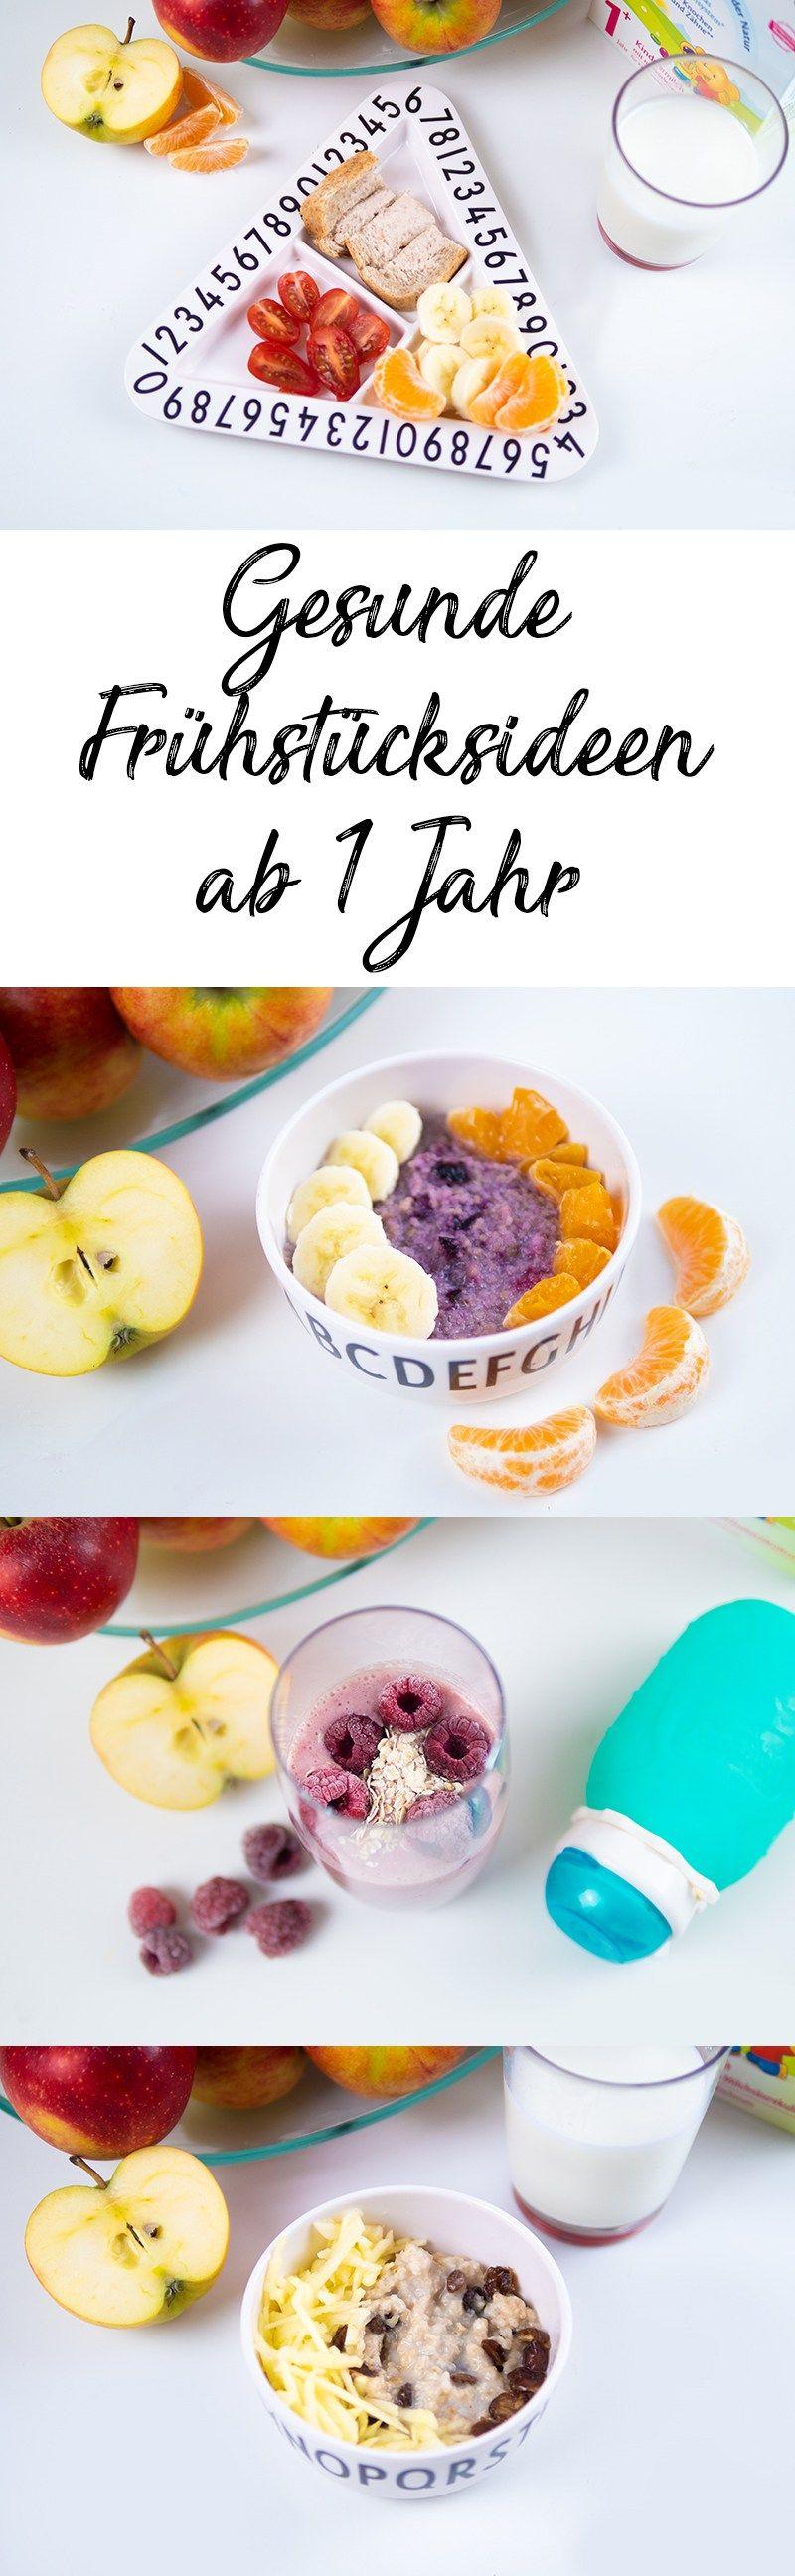 Frühstücksideen für Kleinkinder - gesundes Frühstück ab 1 Jahr #gezondeten